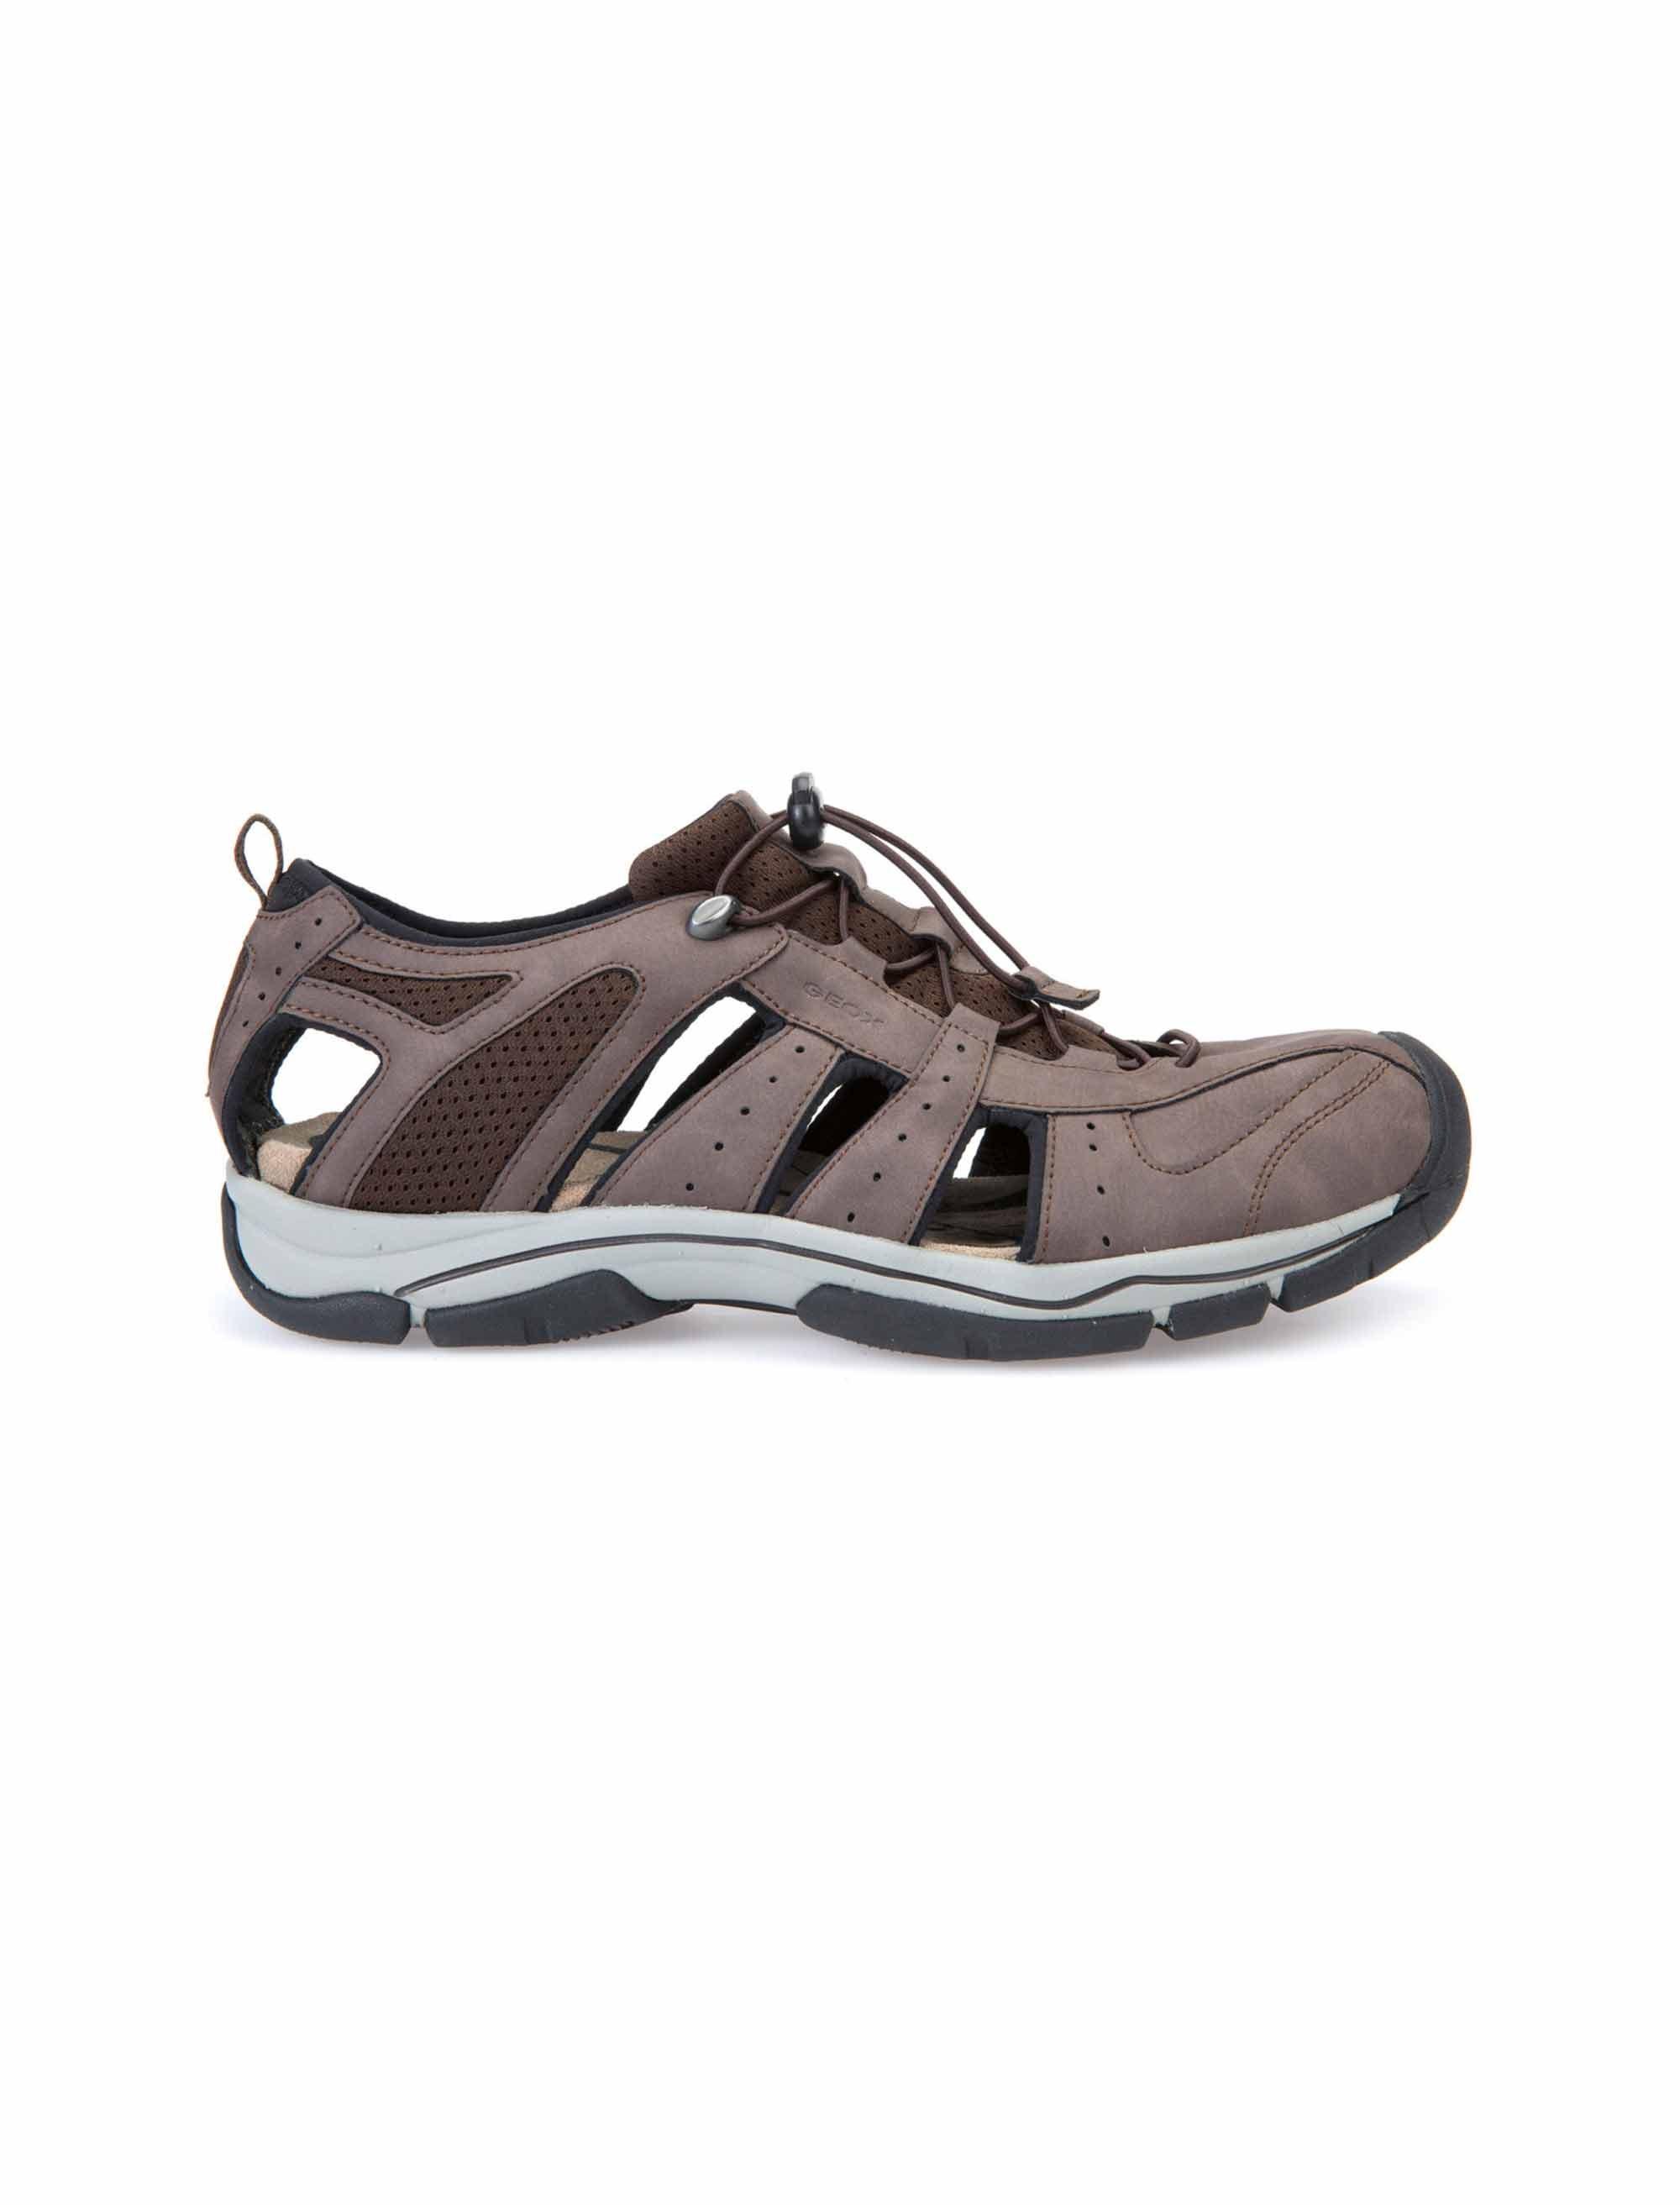 قیمت کفش پیاده روی بندی مردانه - جی اوکس